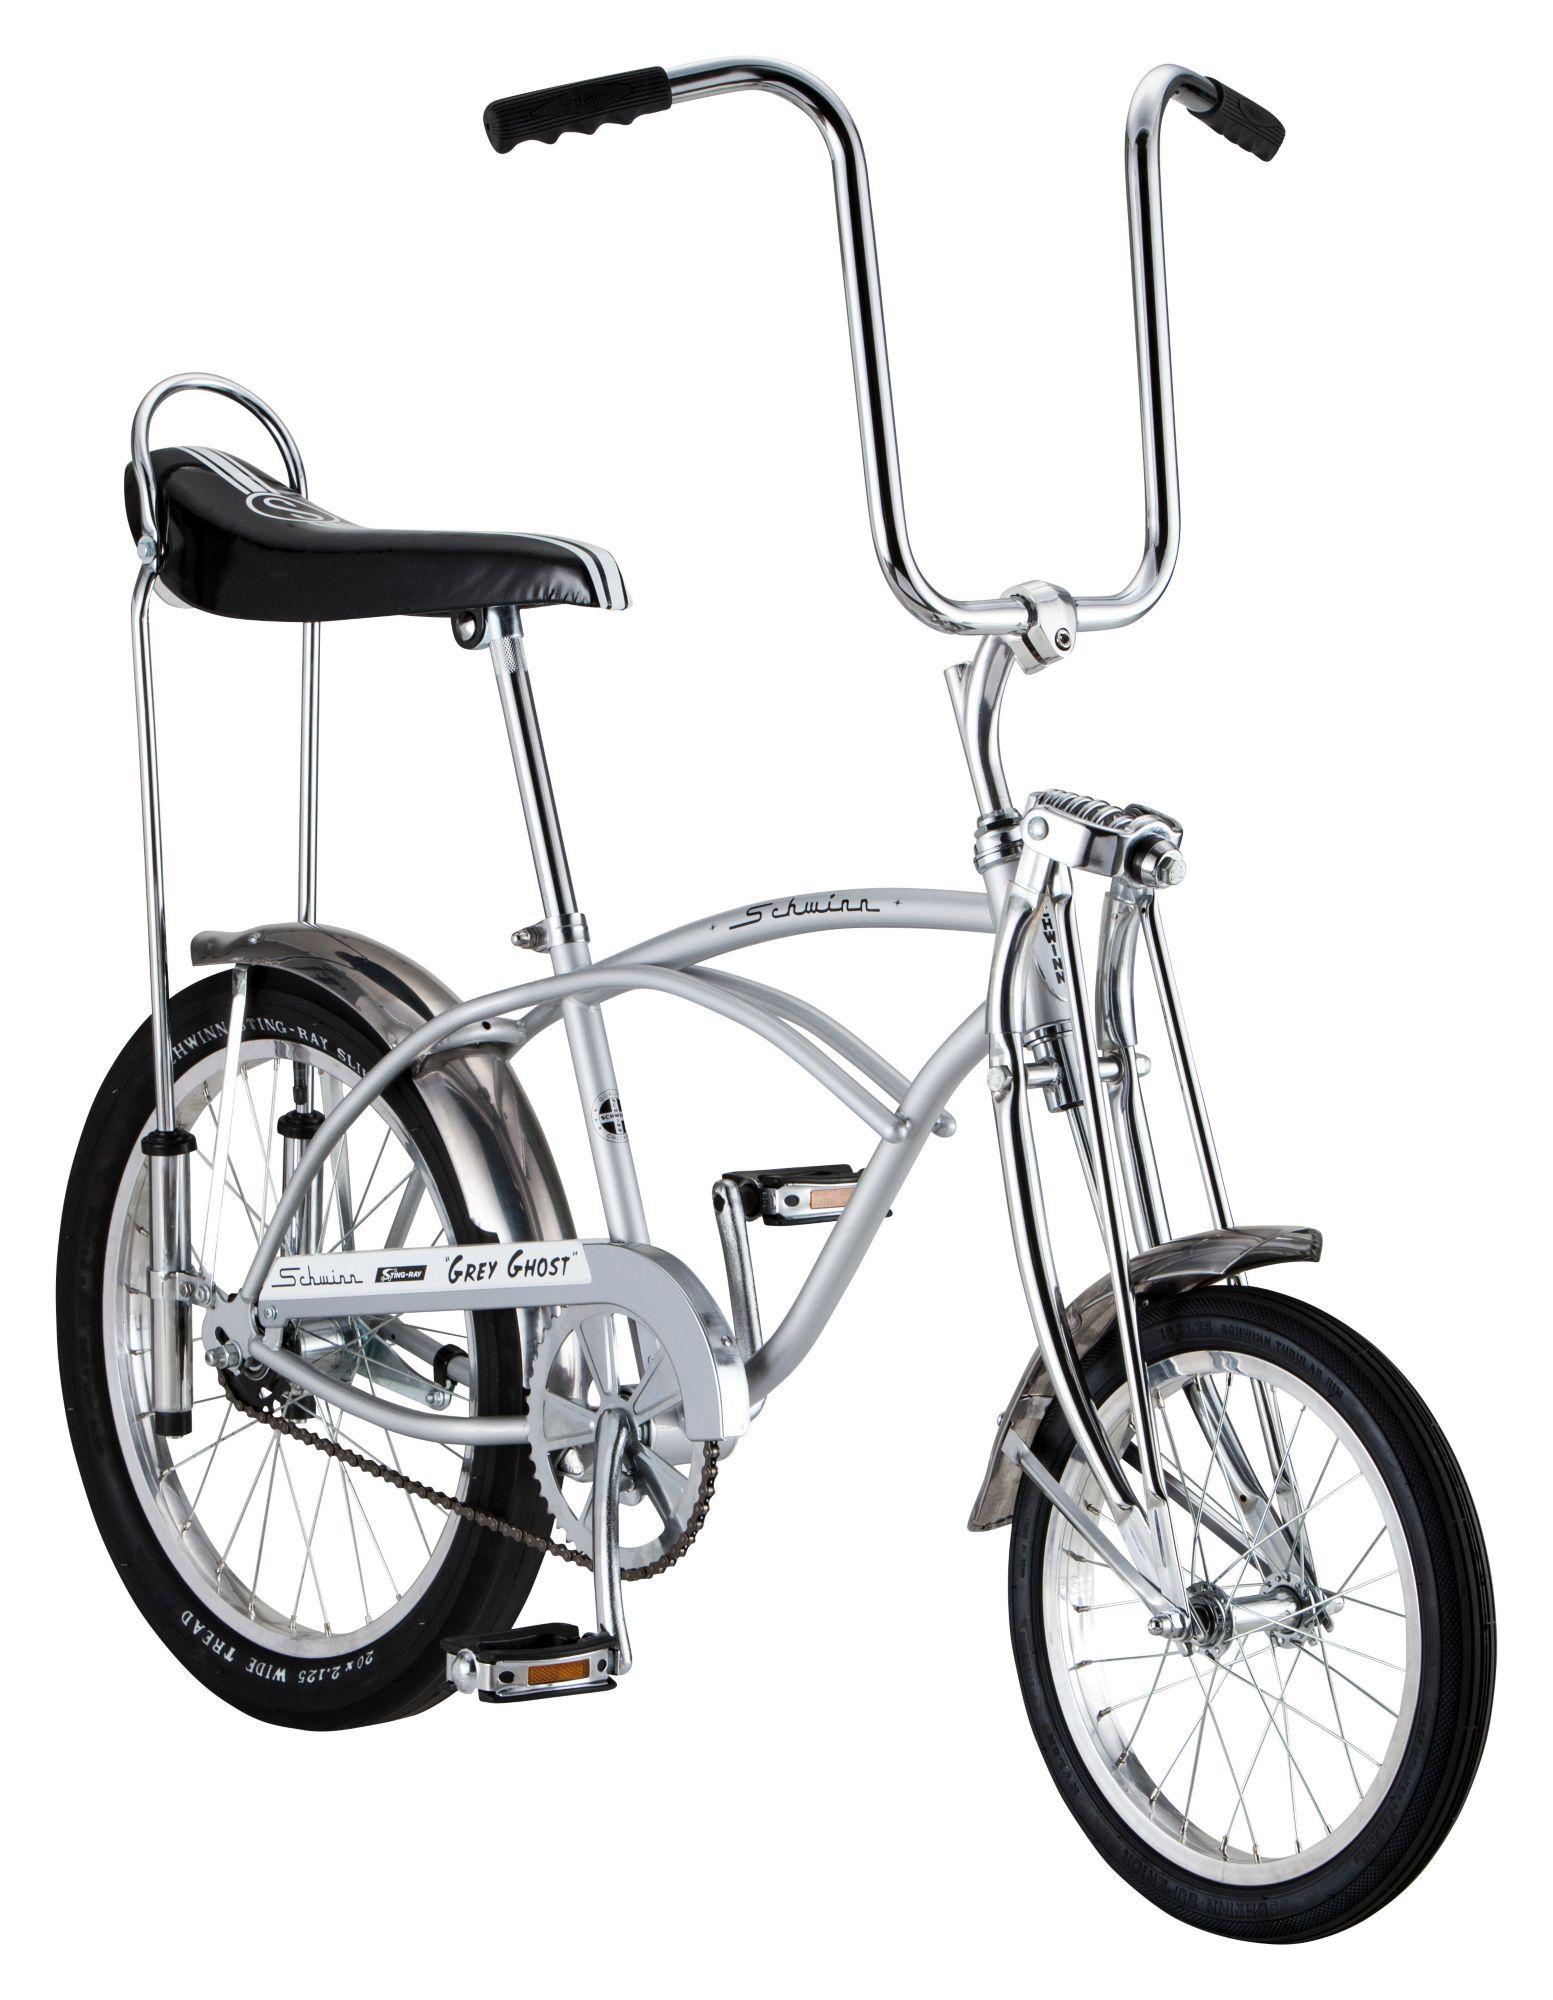 96b933343df Limited Edition Schwinn Grey Ghost Bike | Products | Bicycle, Bike ...